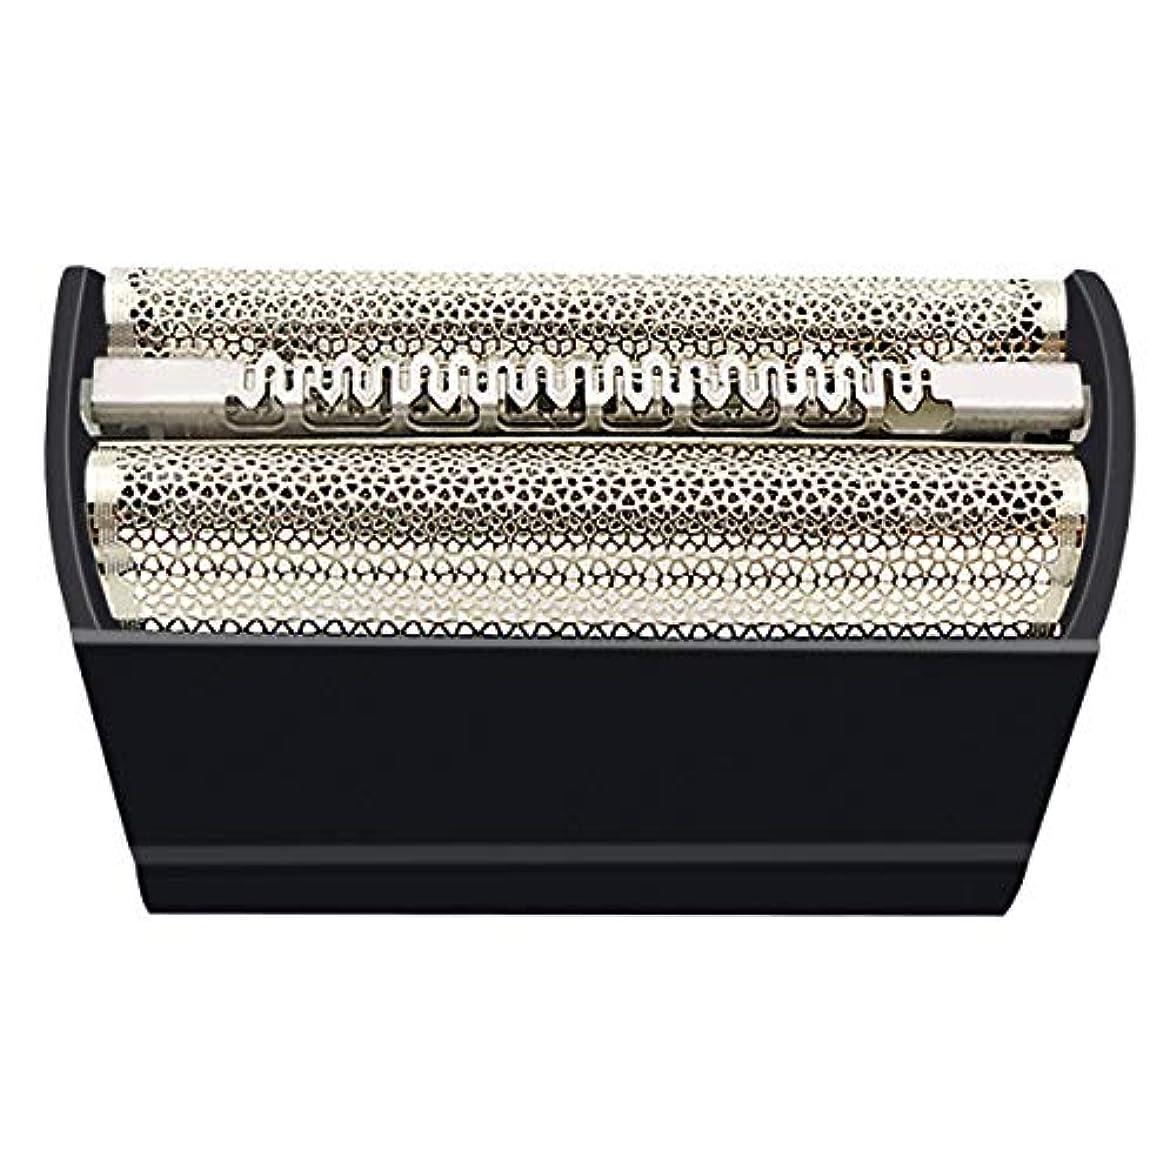 のぞき穴タイトルラビリンスVINFANYシェーバー替刃 シリーズ3 適用 Braun 31Bシリーズ3 Smart Syncro Proモデル電気シェーバー シリーズ3網刃?内刃一体型カセット 交換用ホイル (31B (Black))